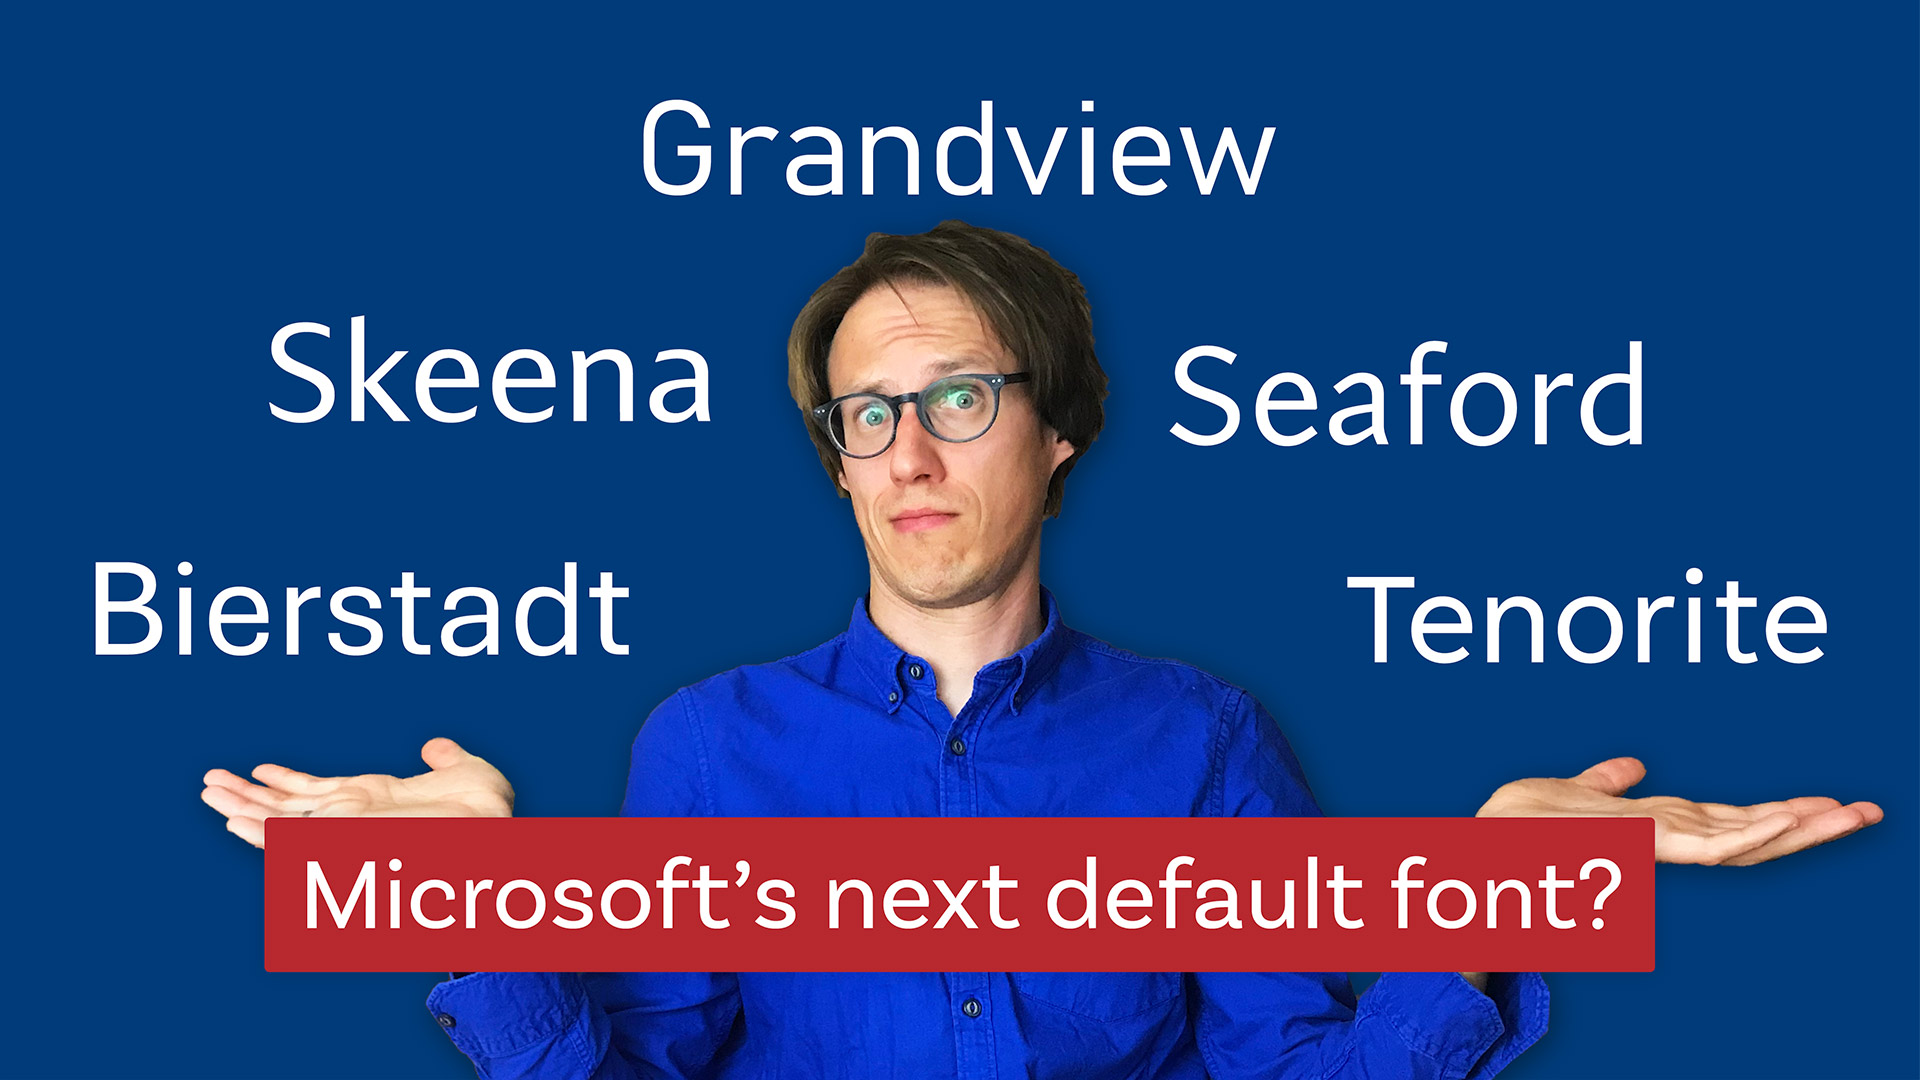 Bierstadt, Grandview, Seaford, Skeena, or Tenorite? What's Microsoft's next default font?